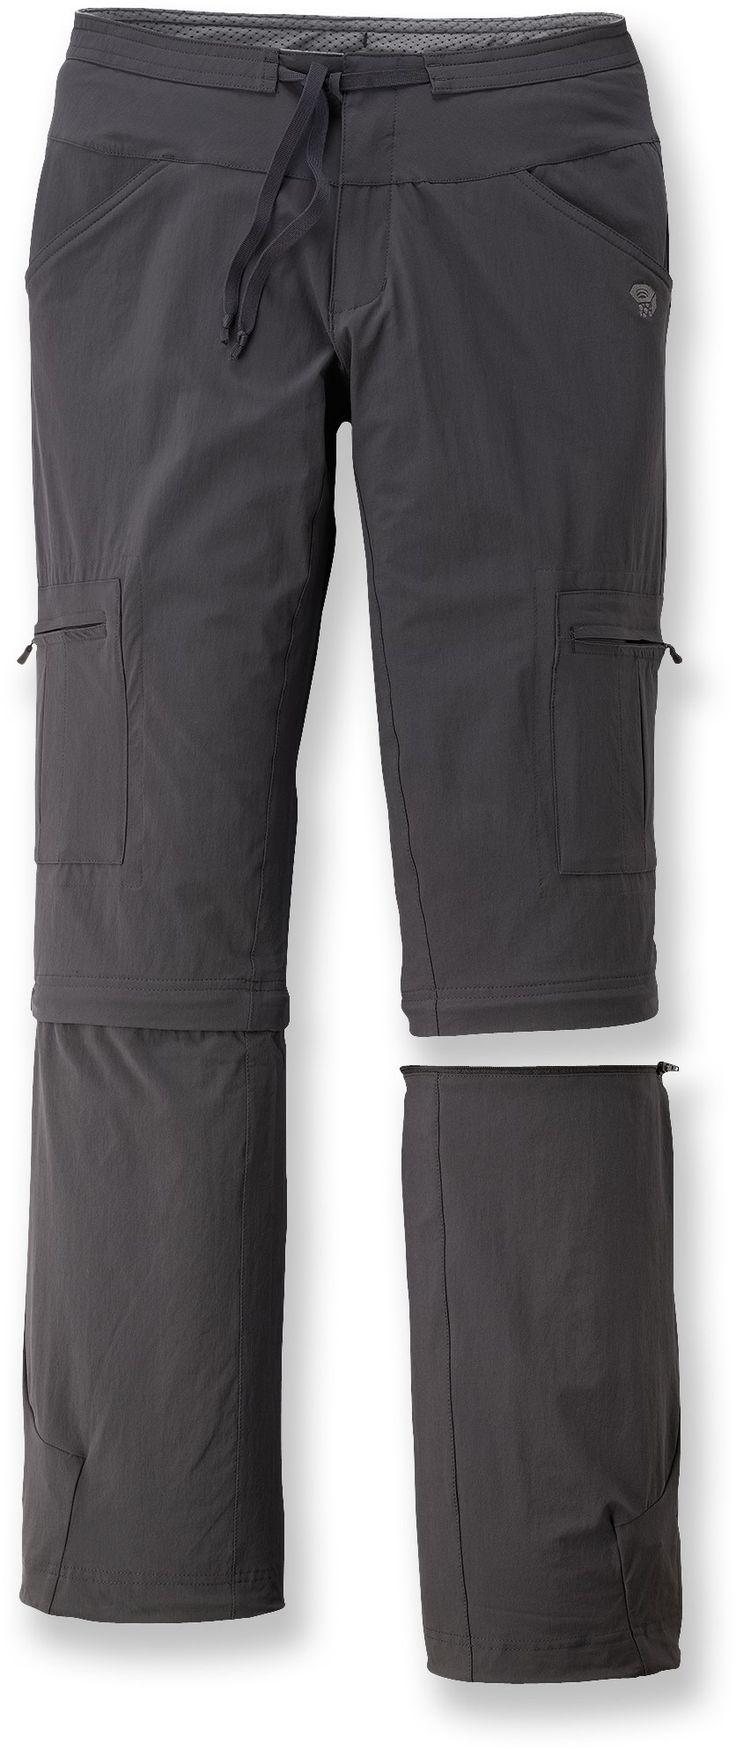 Mountain Hardwear Yuma Convertible Pants - shark